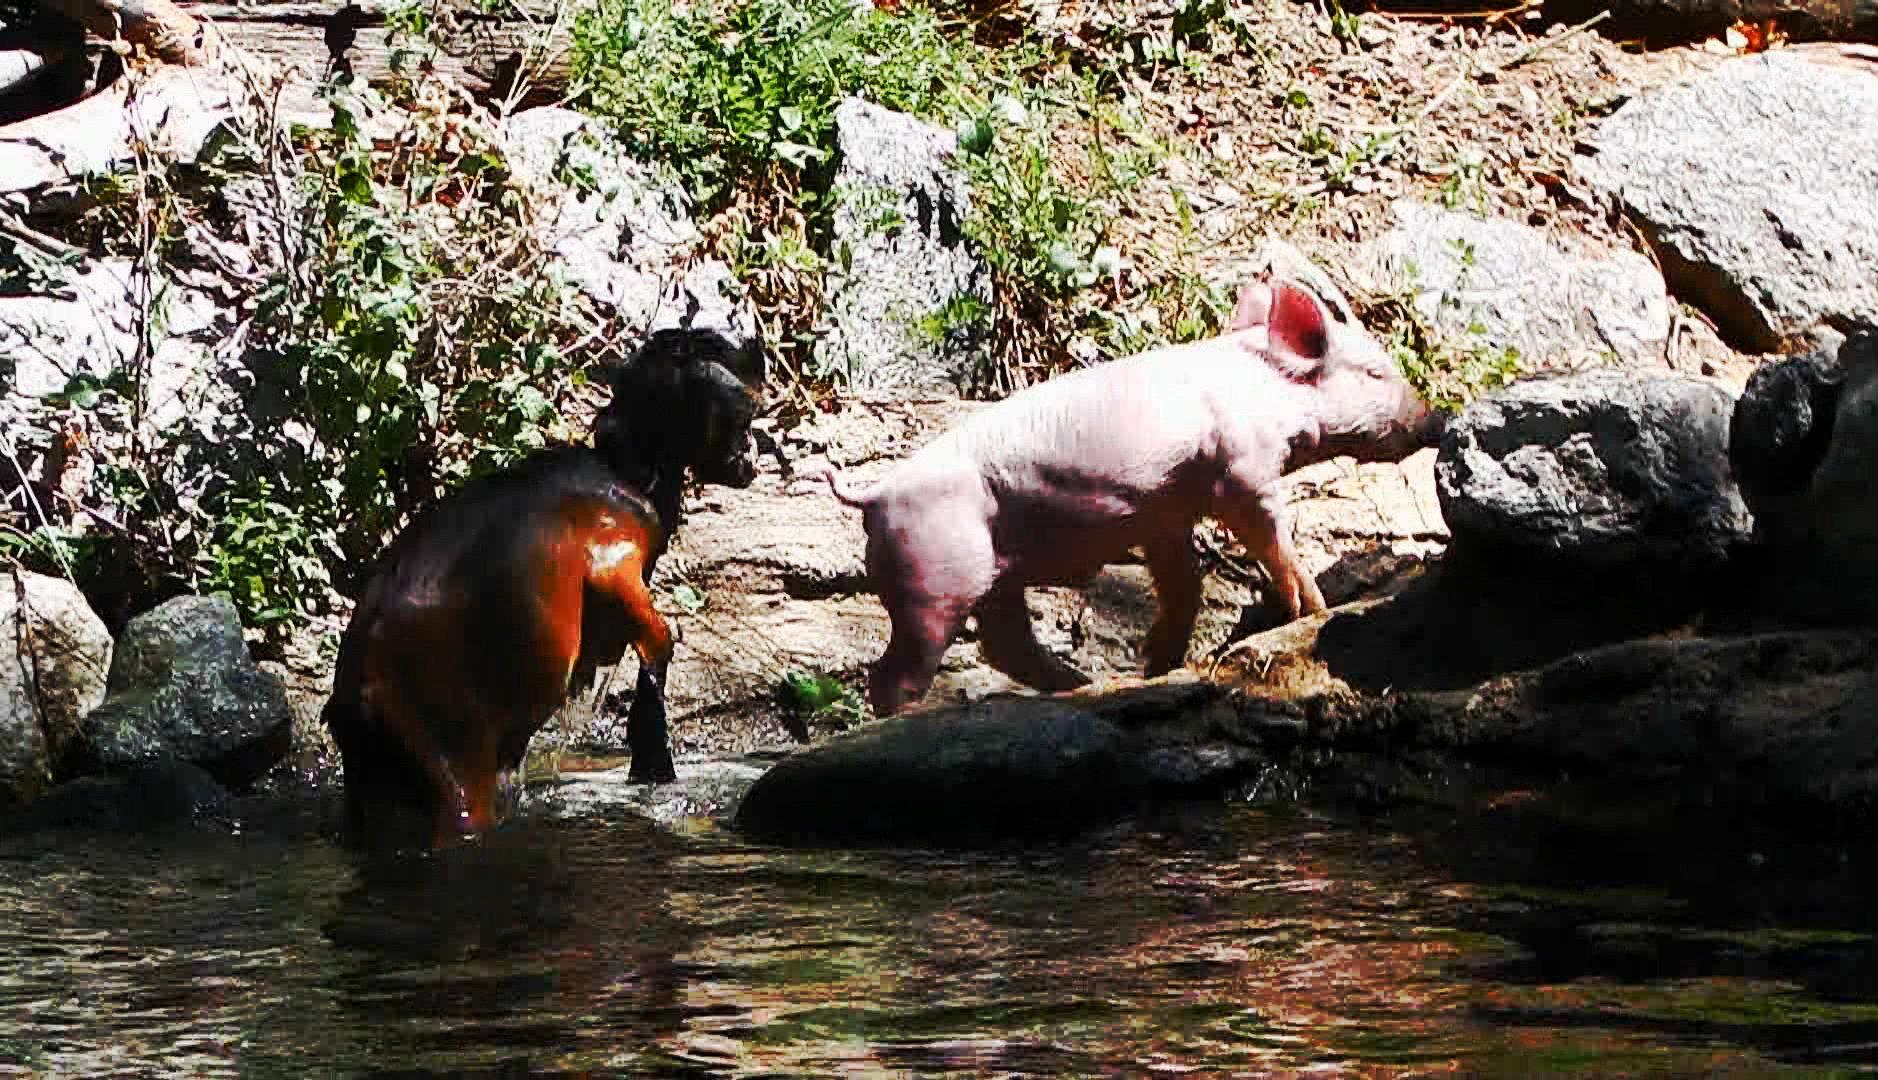 Cómo crear un video viral: Pig rescues baby goat